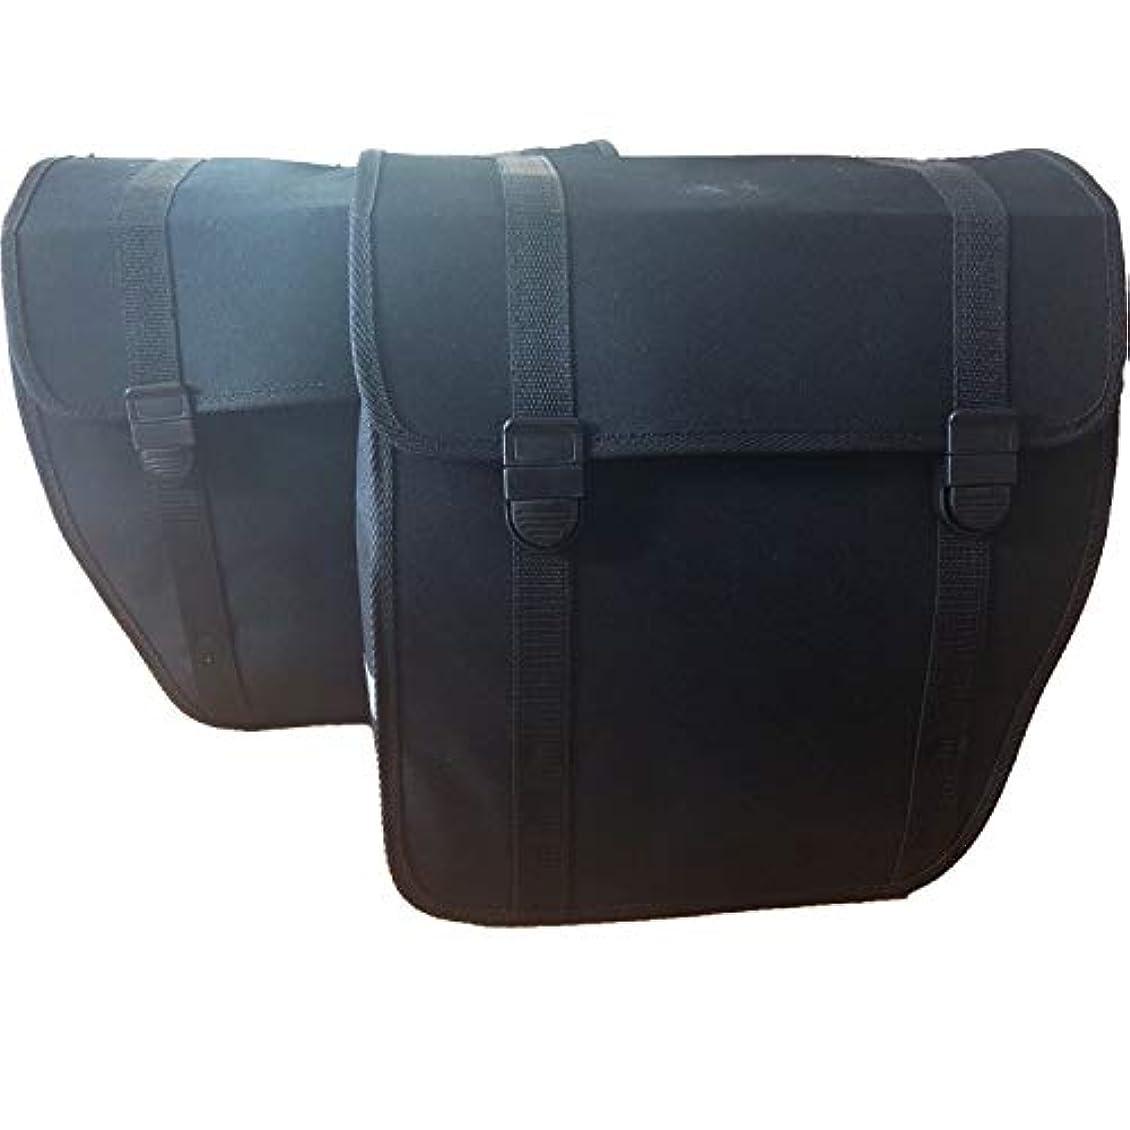 ブラジャー付ける高潔な(Muu3) 自転車サイドバッグ パニアバック 多機能リアバッグ 大容量 リアサイドバッグ 左右セット